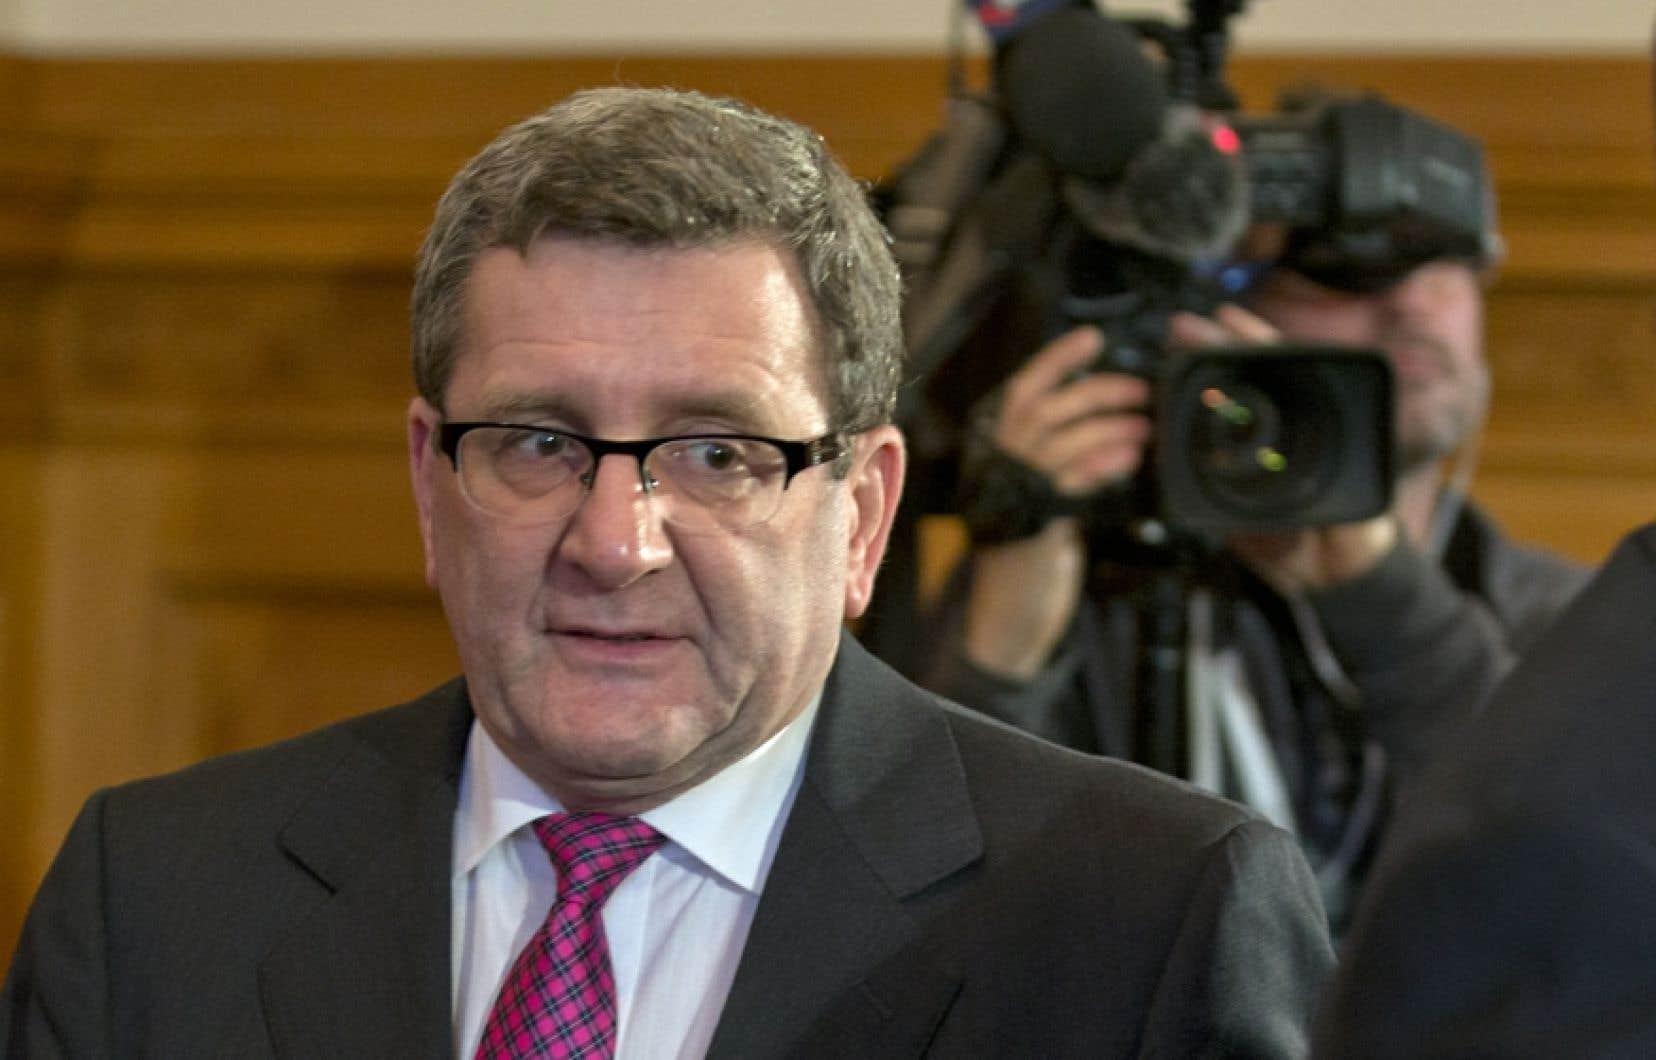 Le maire de Québec, Régis Labeaume, a indiqué qu'il n'avait aucun problème à laisser les femmes porter de tels maillots.